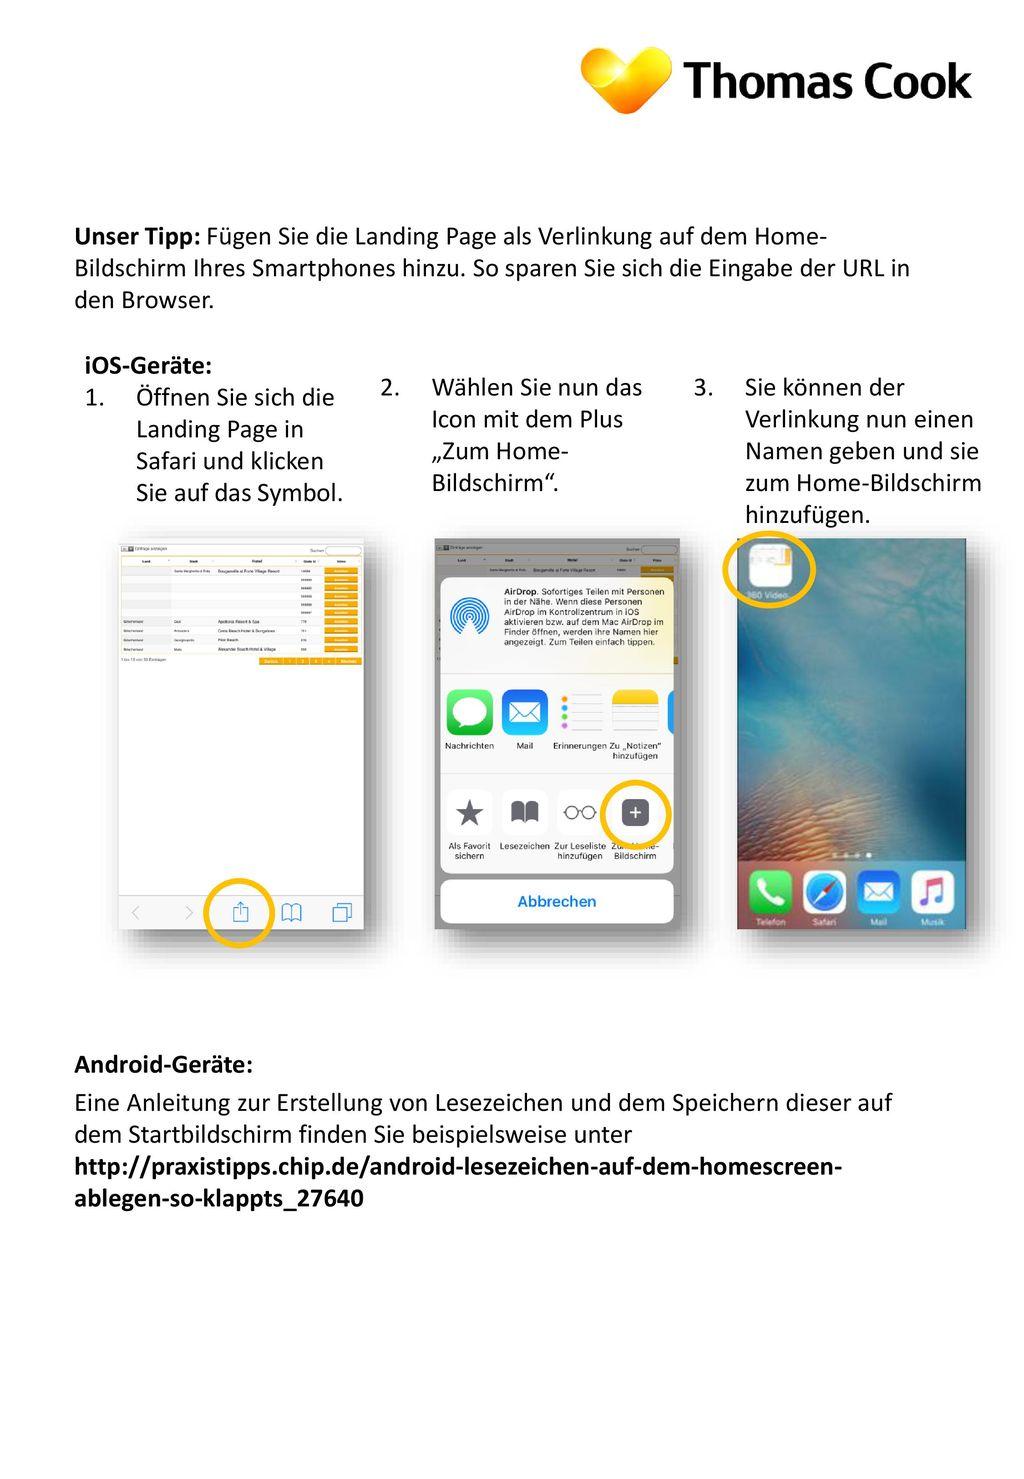 Unser Tipp: Fügen Sie die Landing Page als Verlinkung auf dem Home-Bildschirm Ihres Smartphones hinzu. So sparen Sie sich die Eingabe der URL in den Browser.